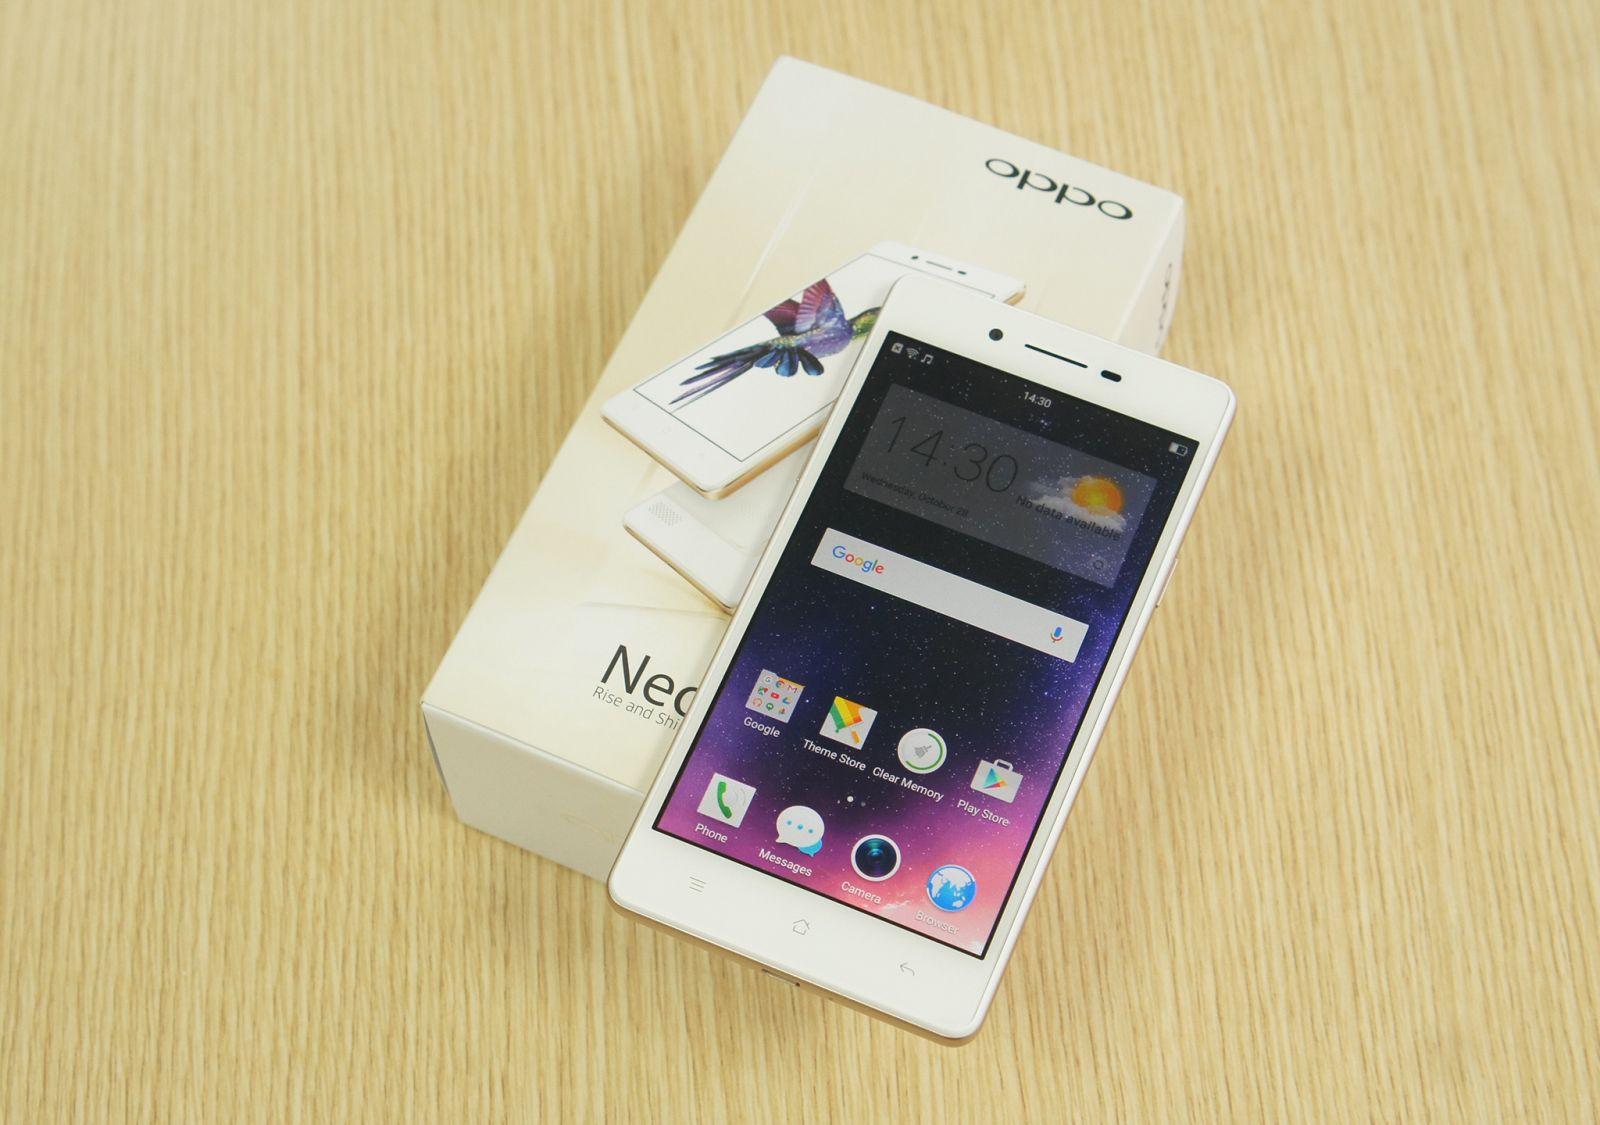 Hướng dẫn hard reset điện thoại Oppo Neo 7 - Thủ thuật Android